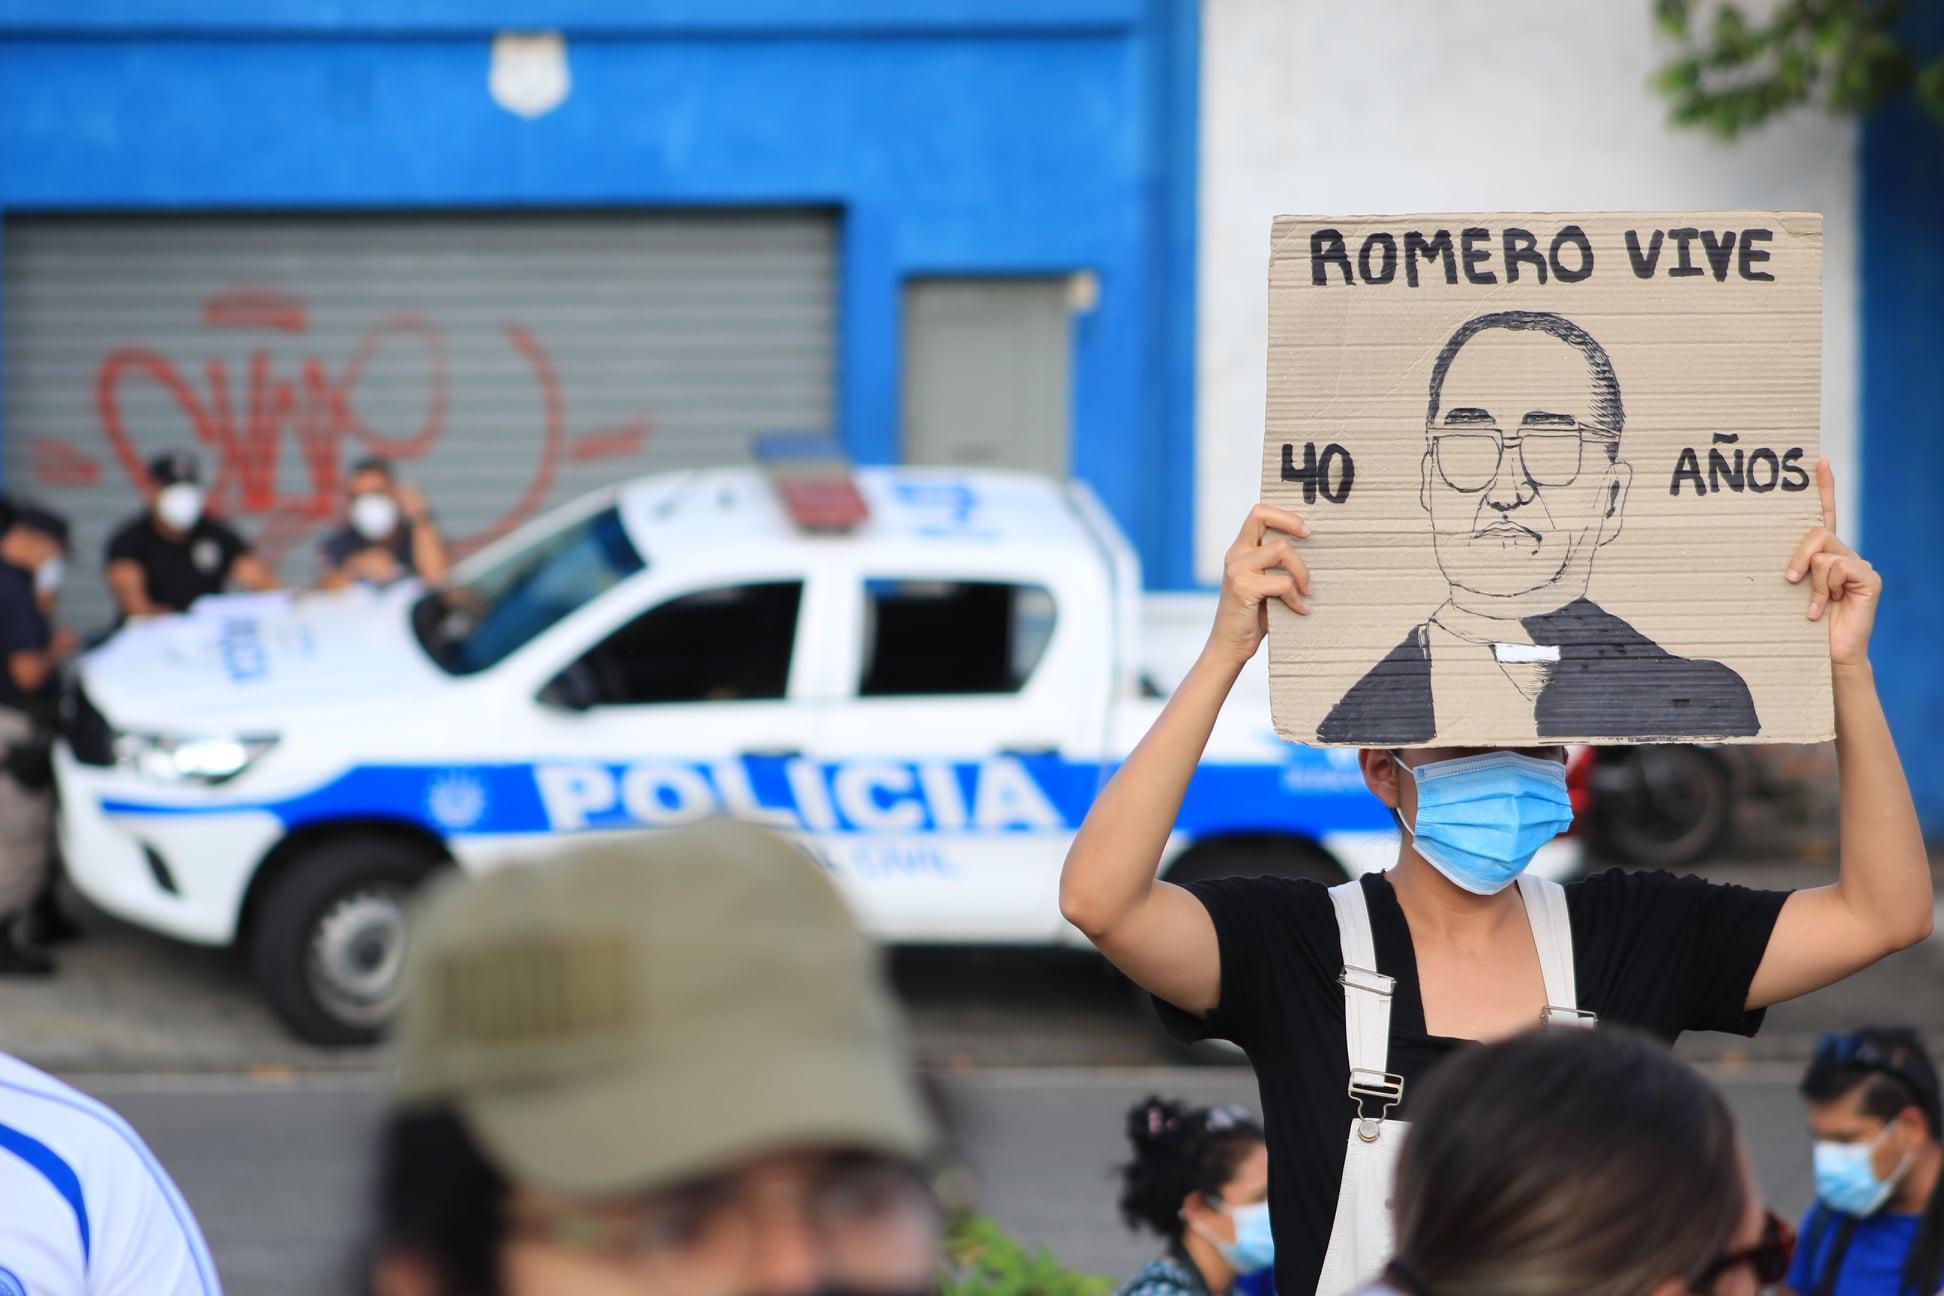 """Puede ser una imagen de 1 persona, de pie, al aire libre y texto que dice """"ROMERO VIVE AÑOS POLCIA"""""""